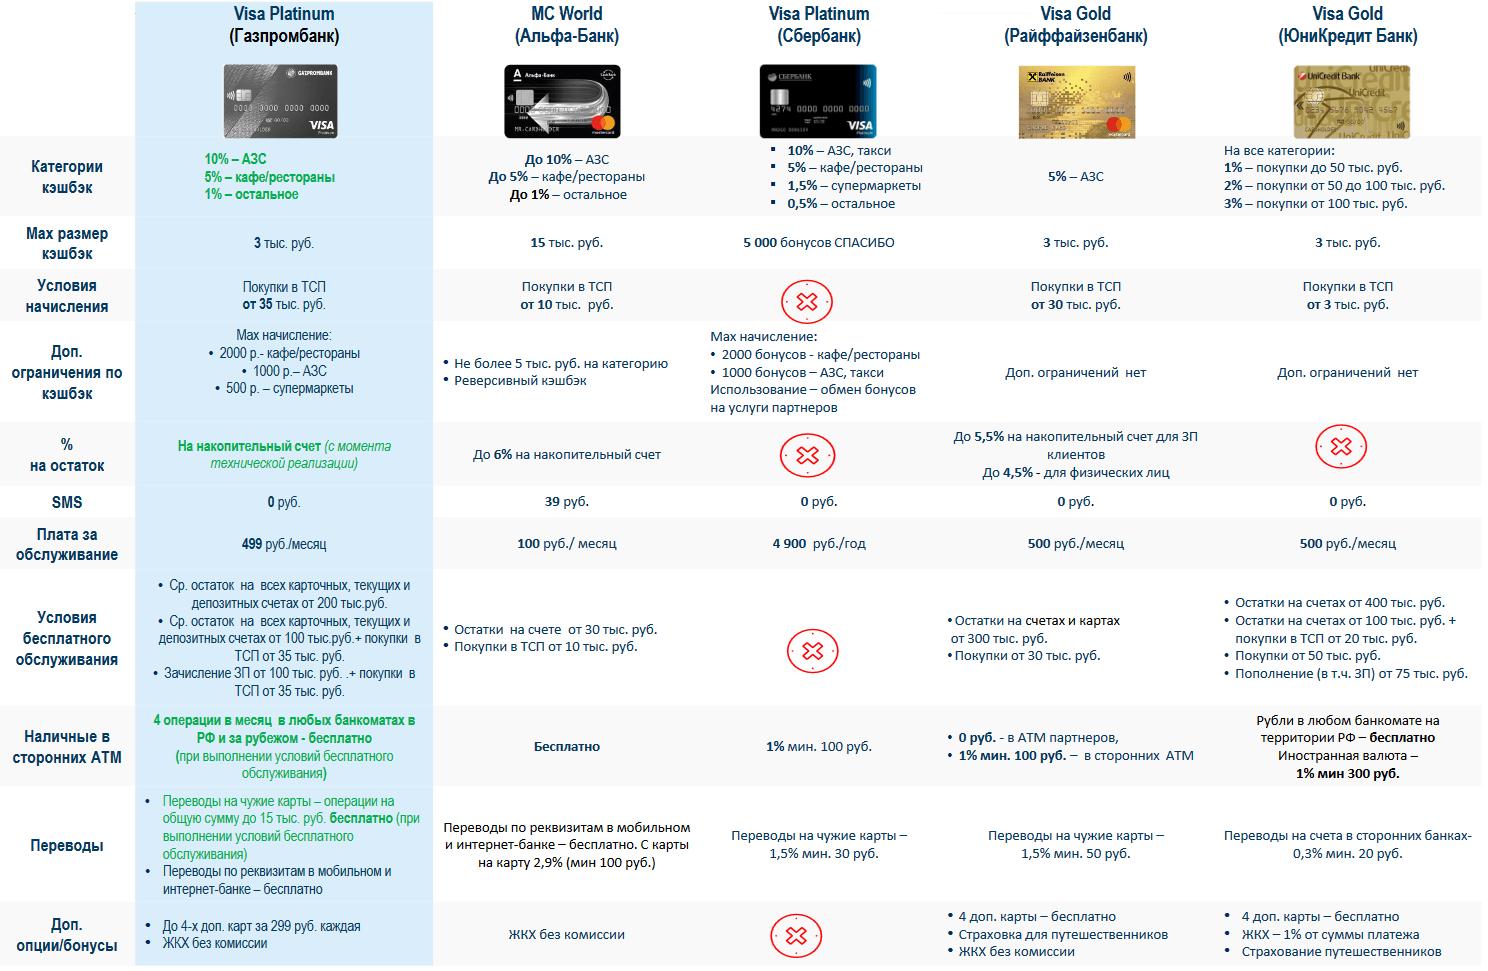 Пакет услуг «Много бывает»: сравнение характеристик продукта Банка с конкурентами